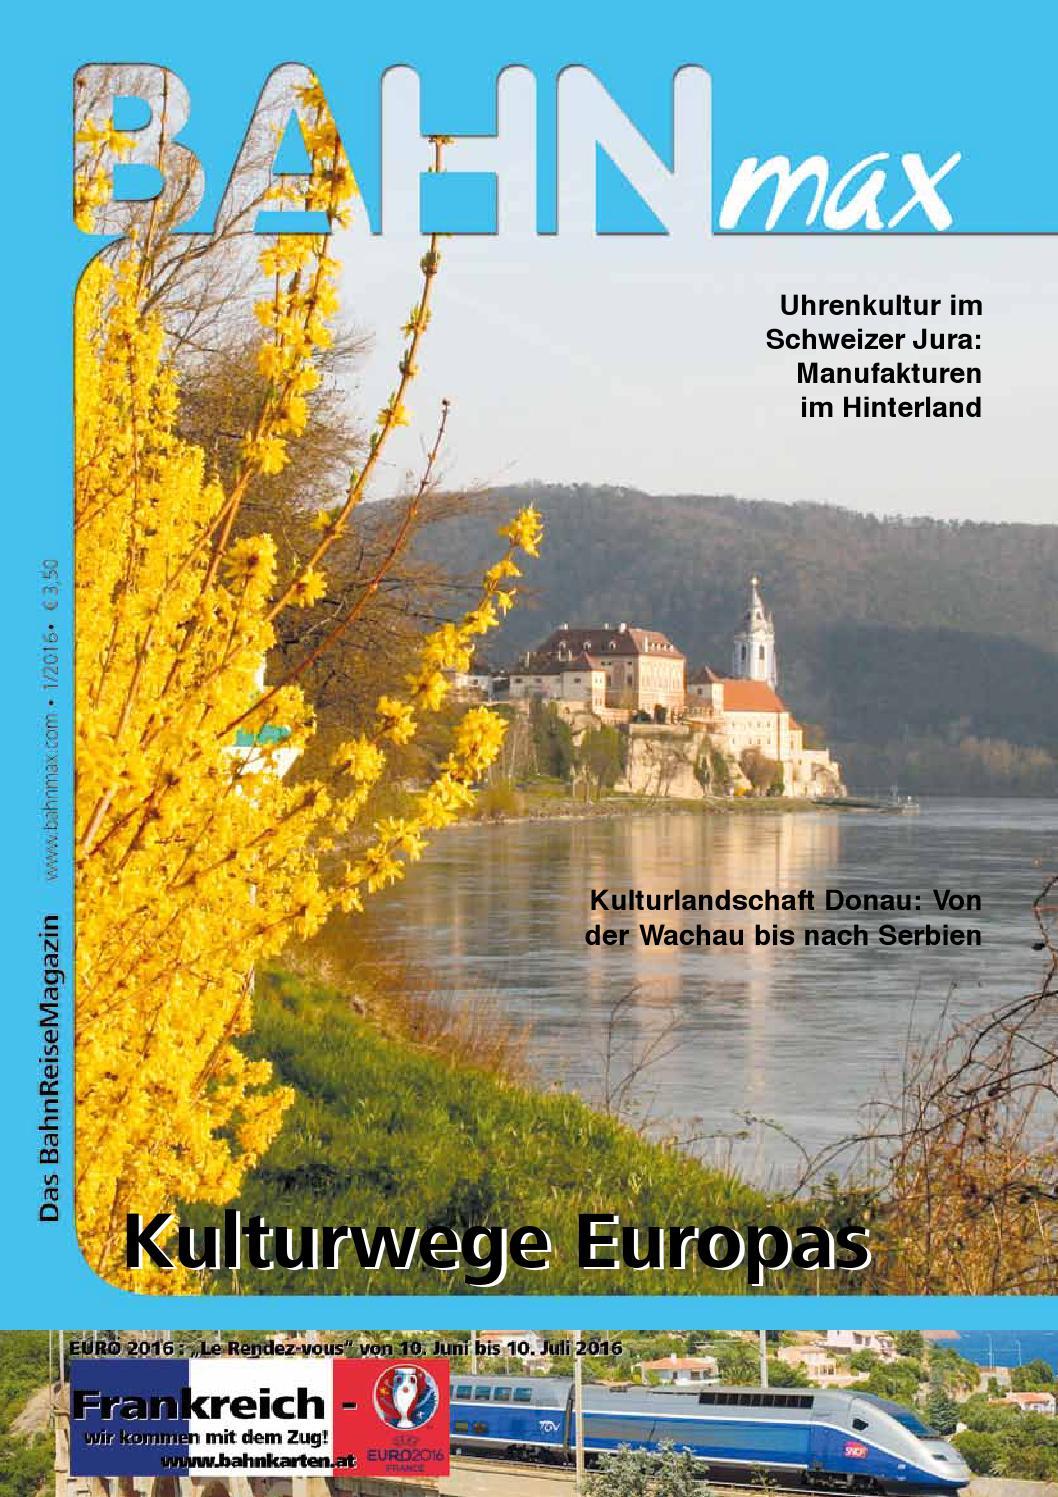 Amerikaner kennenlernen aus mnchendorf - Hollenegg